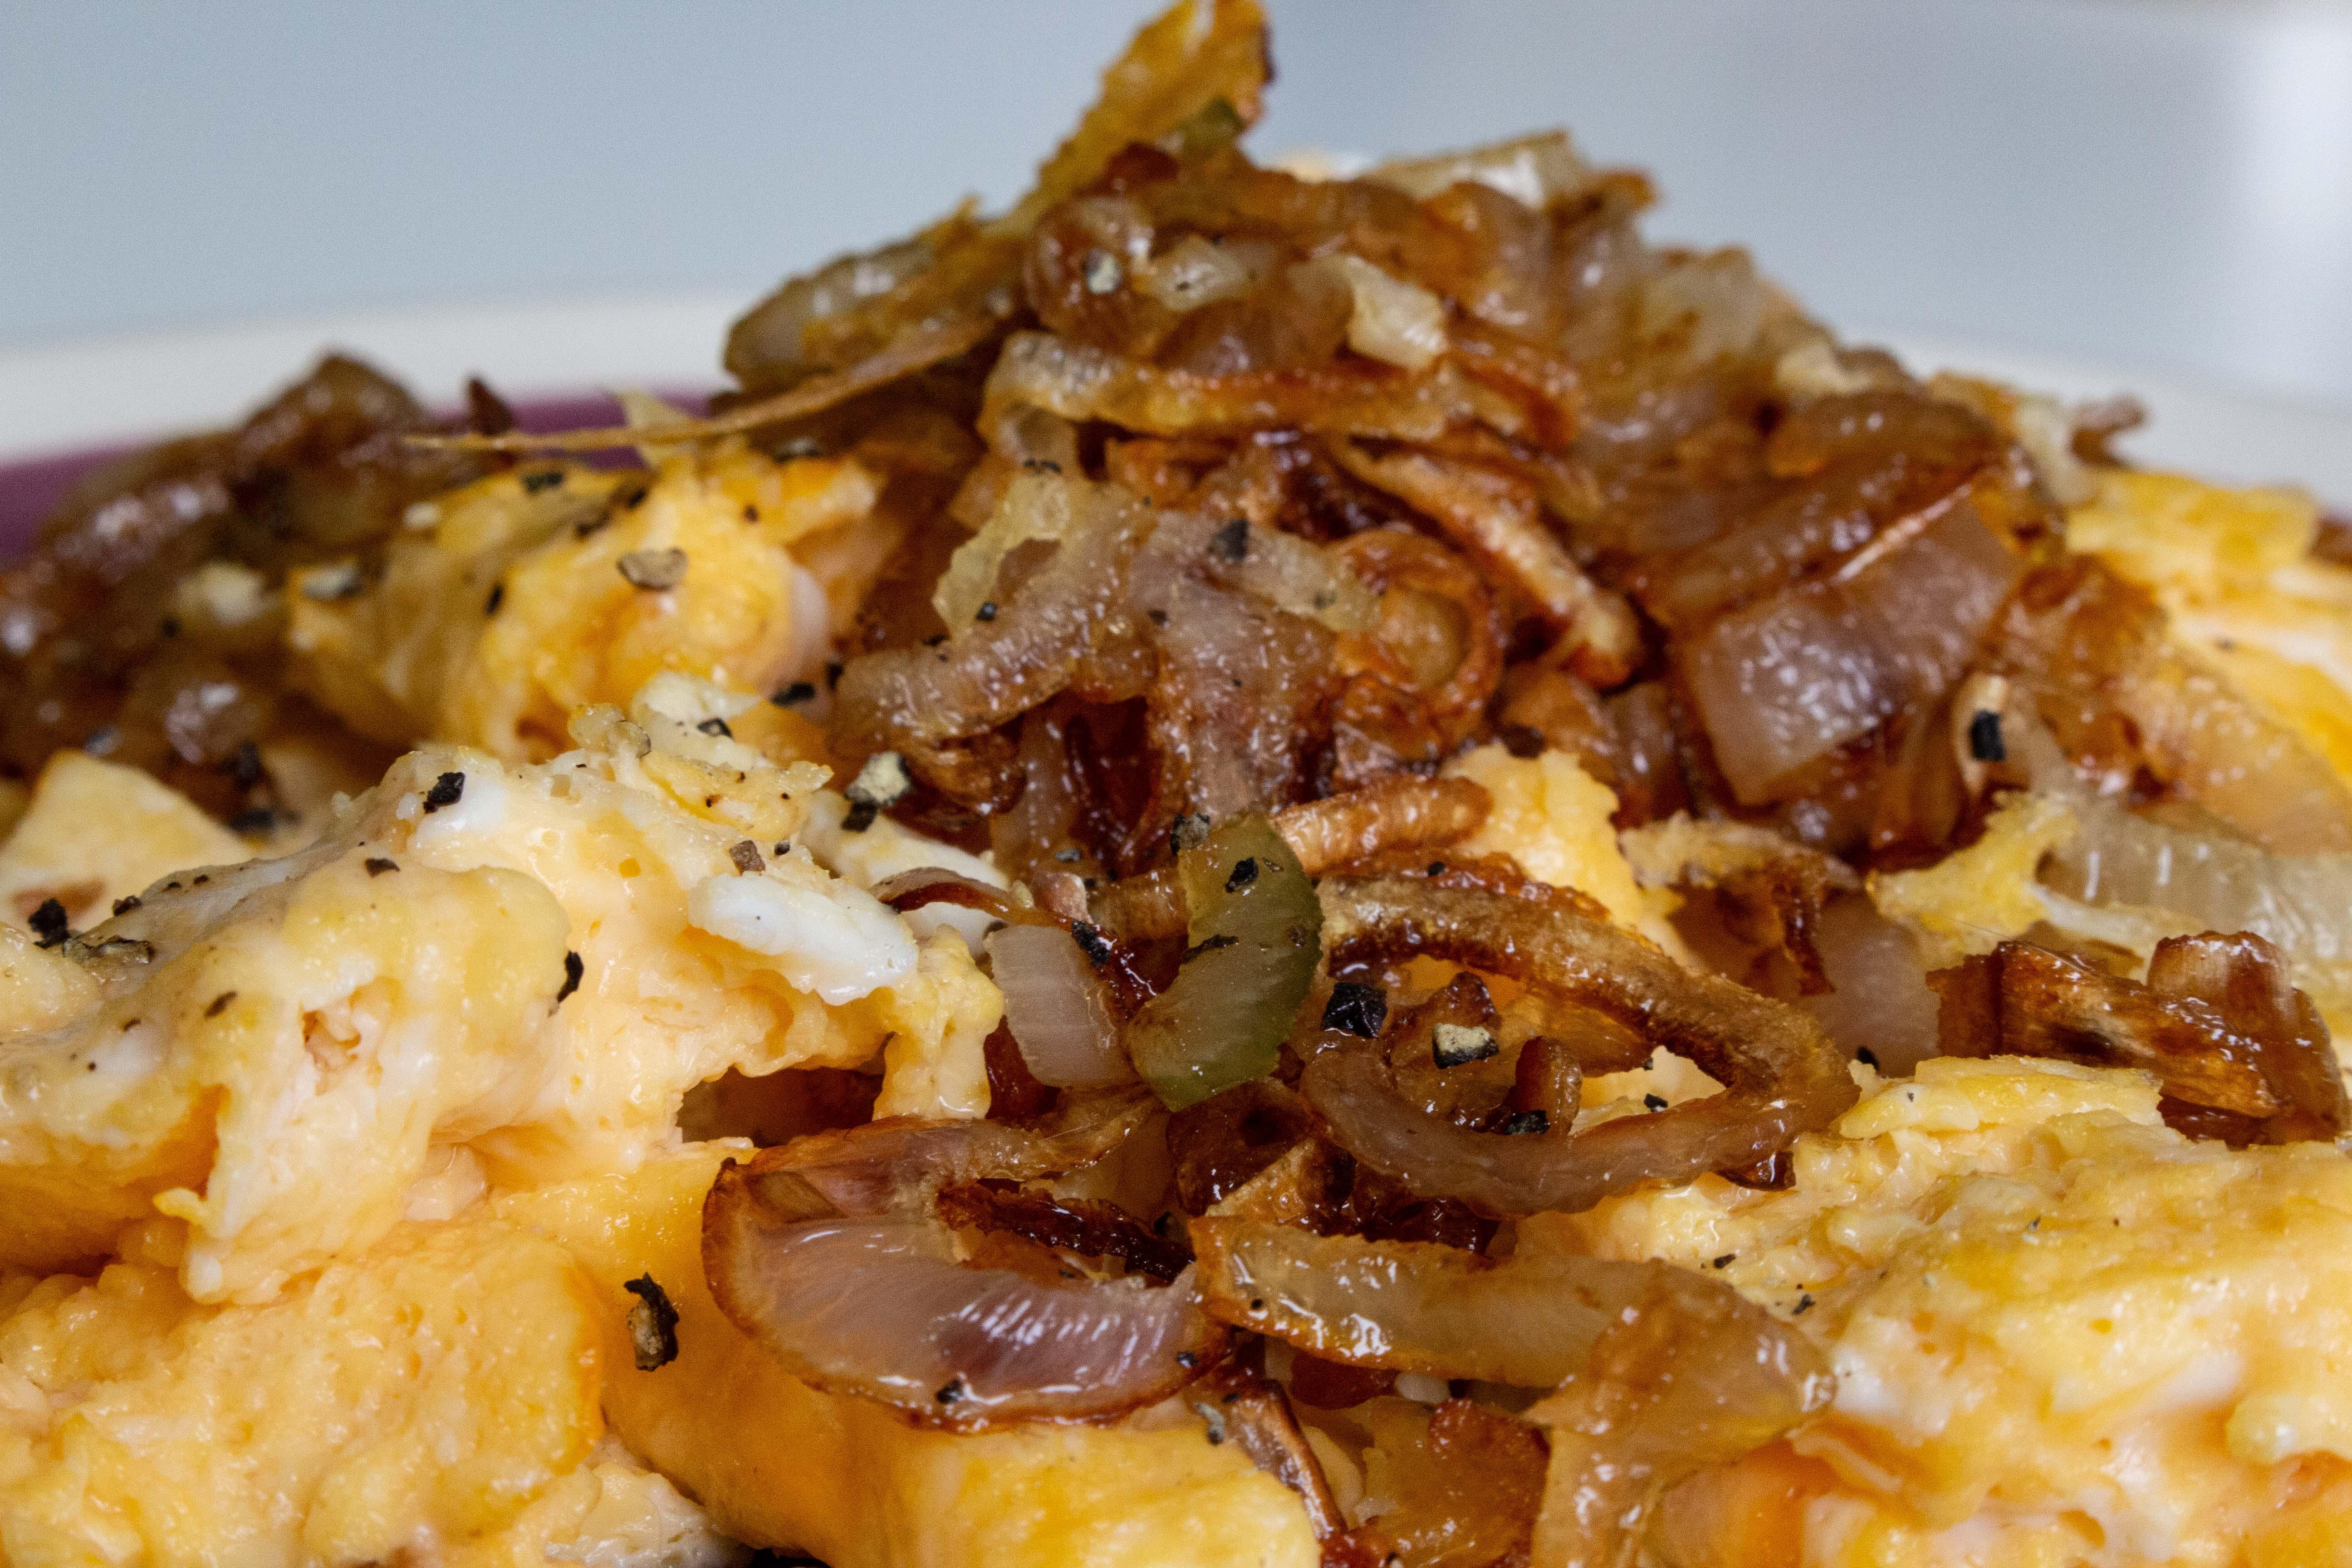 caramelized shallotts on scrambled eggs